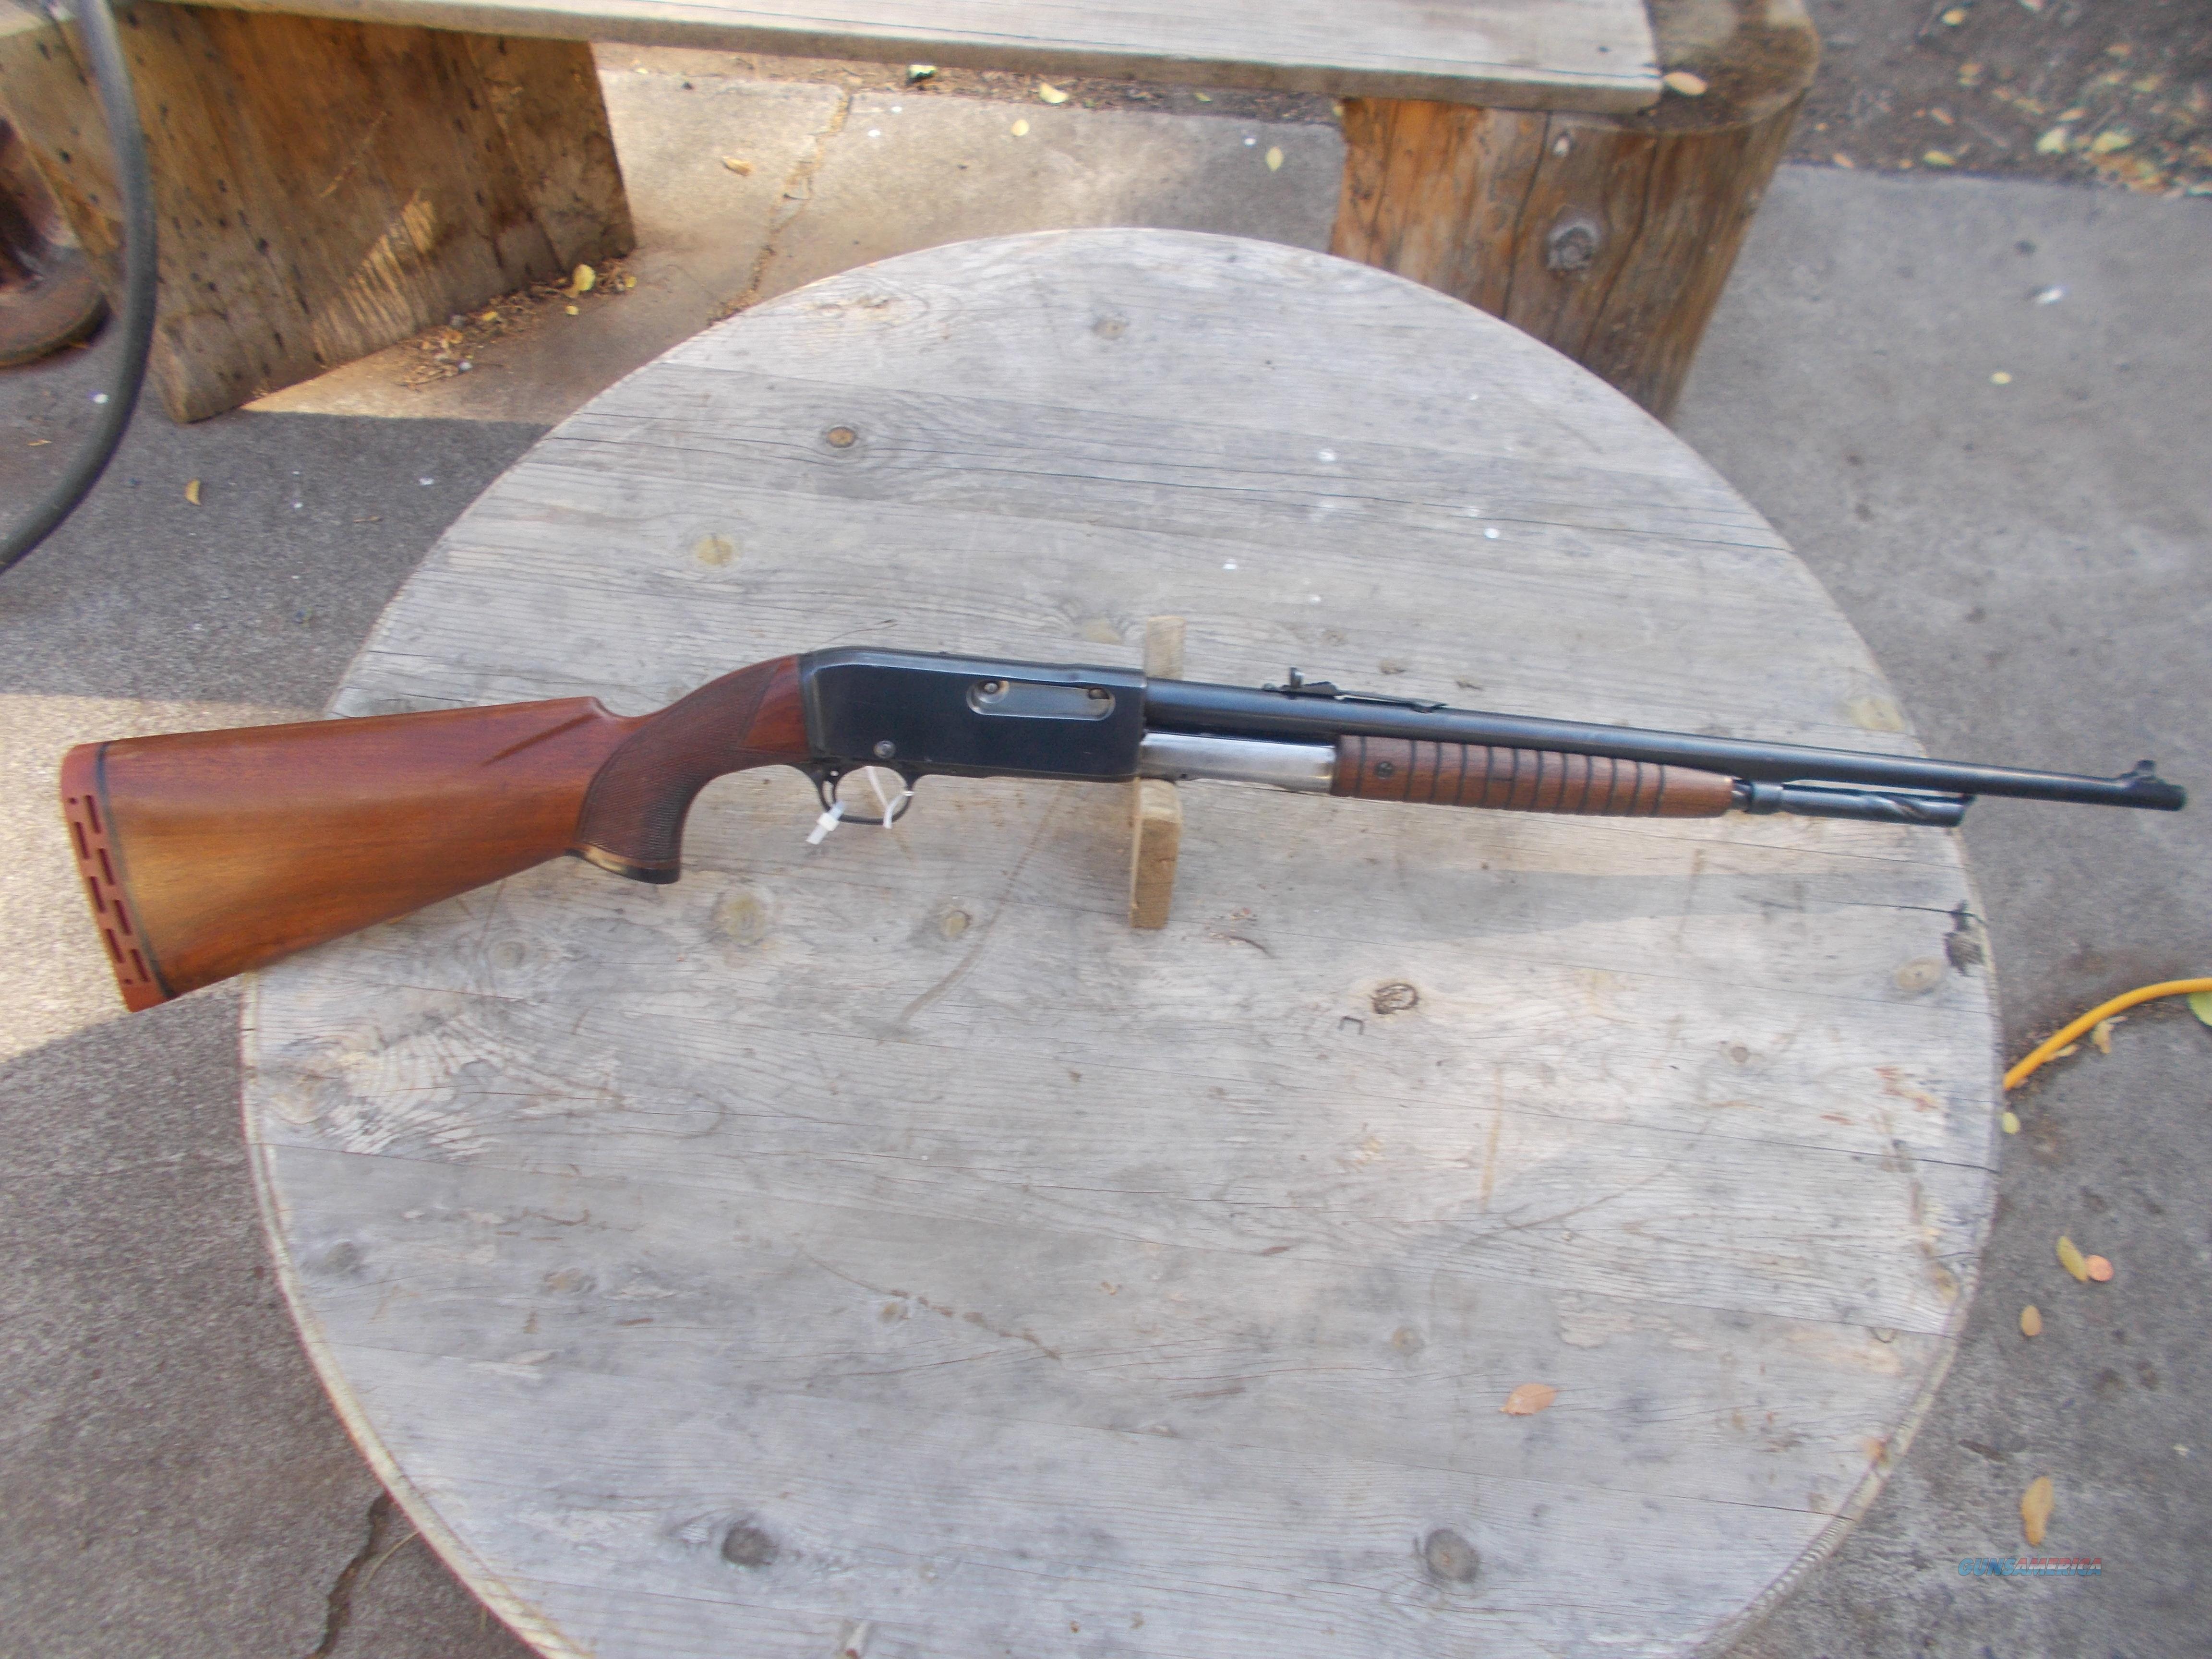 remington model 14 30 remington  Guns > Rifles > Remington Rifles - Modern > Other